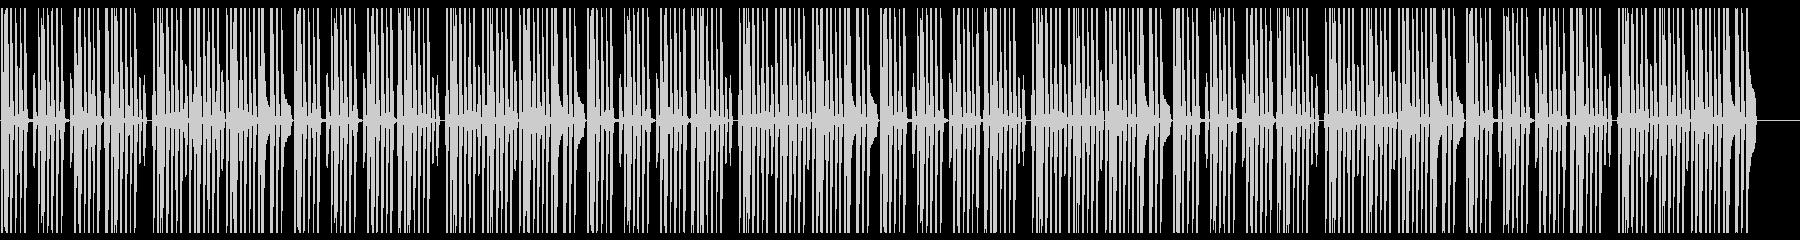 ほんわかした日常系BGMの未再生の波形